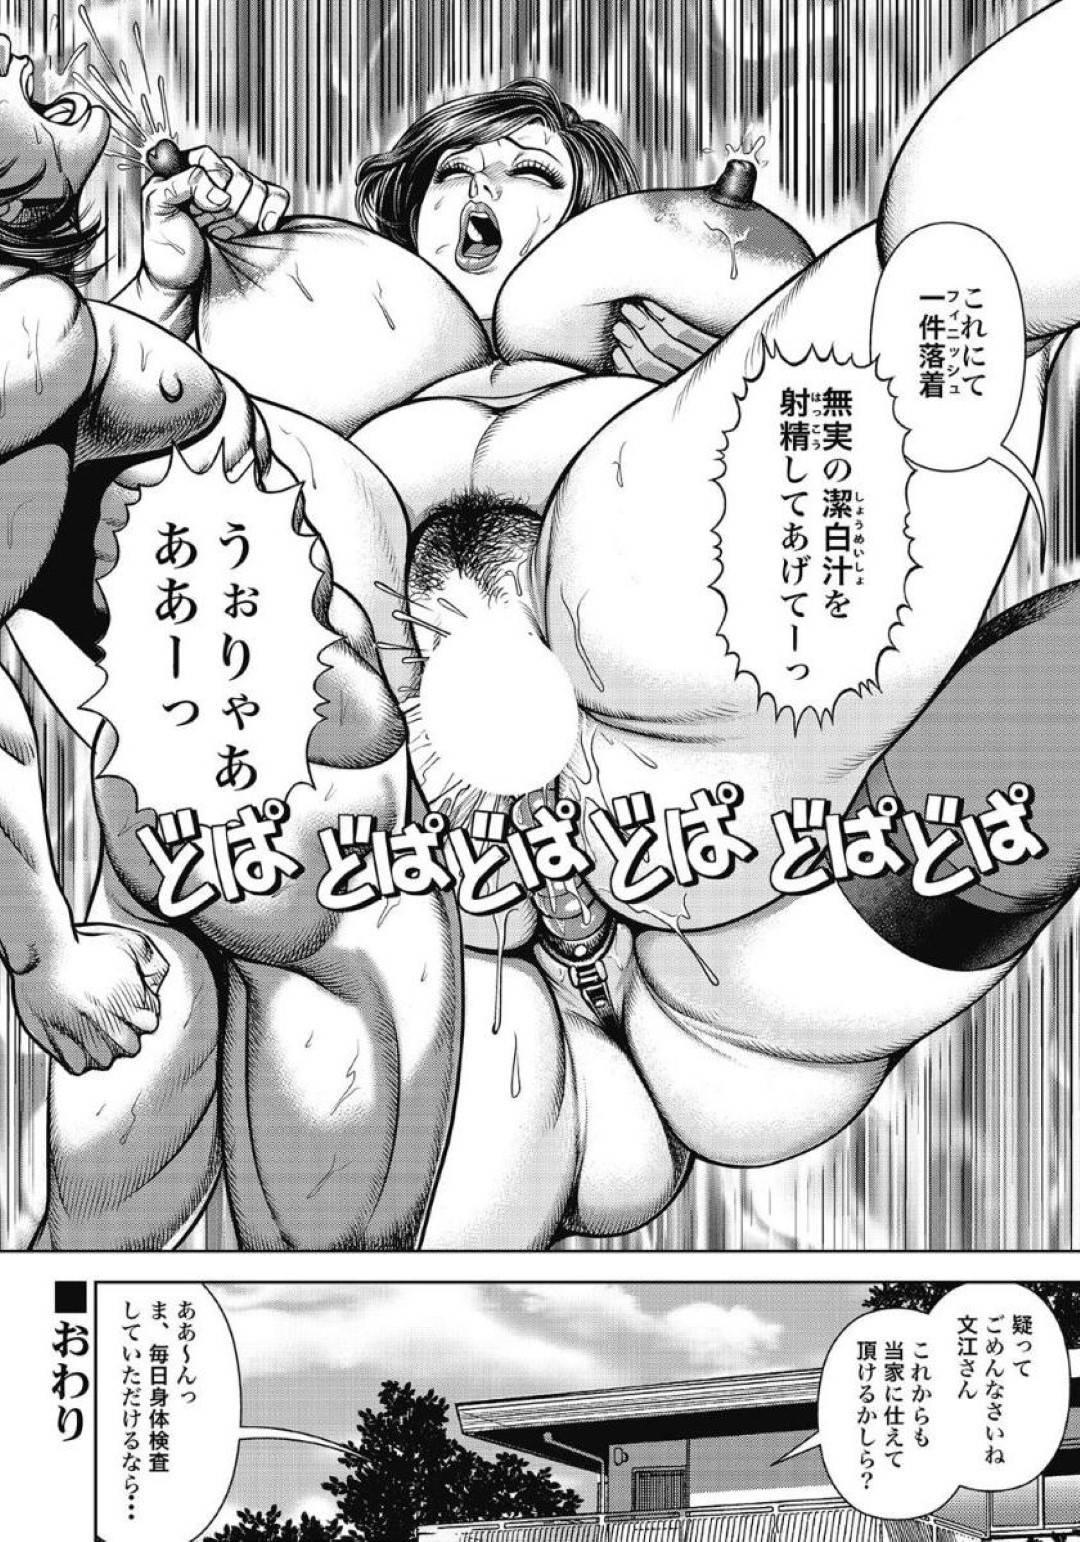 【エロ漫画】誰が高い指輪を隠しているか調査するために全裸になる人妻と全裸にされちゃうメイド…レズにクンニしたりフェラして中出しセックスで3Pしちゃう!【セニョール大悦:身体検査でよろめいて】